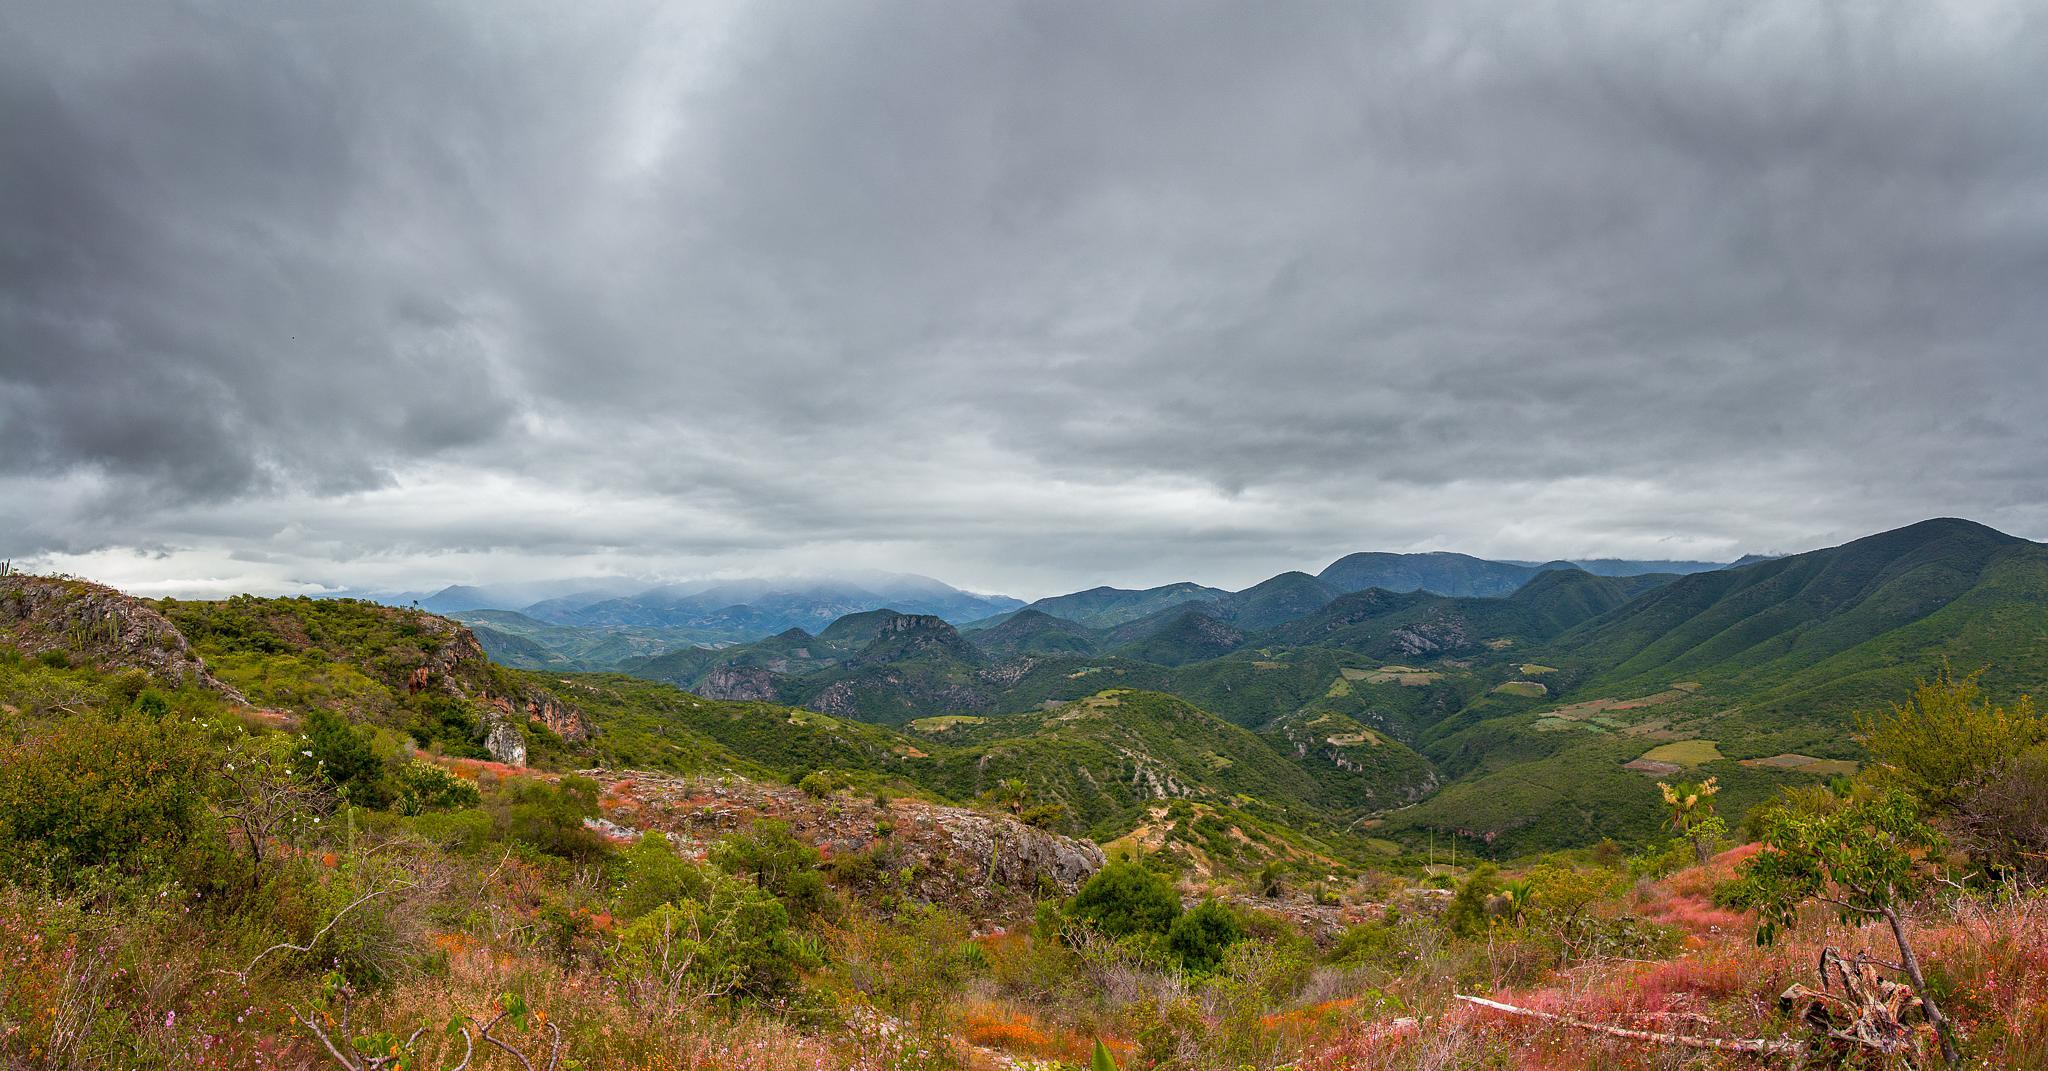 mountains  by Georgios Xenakis